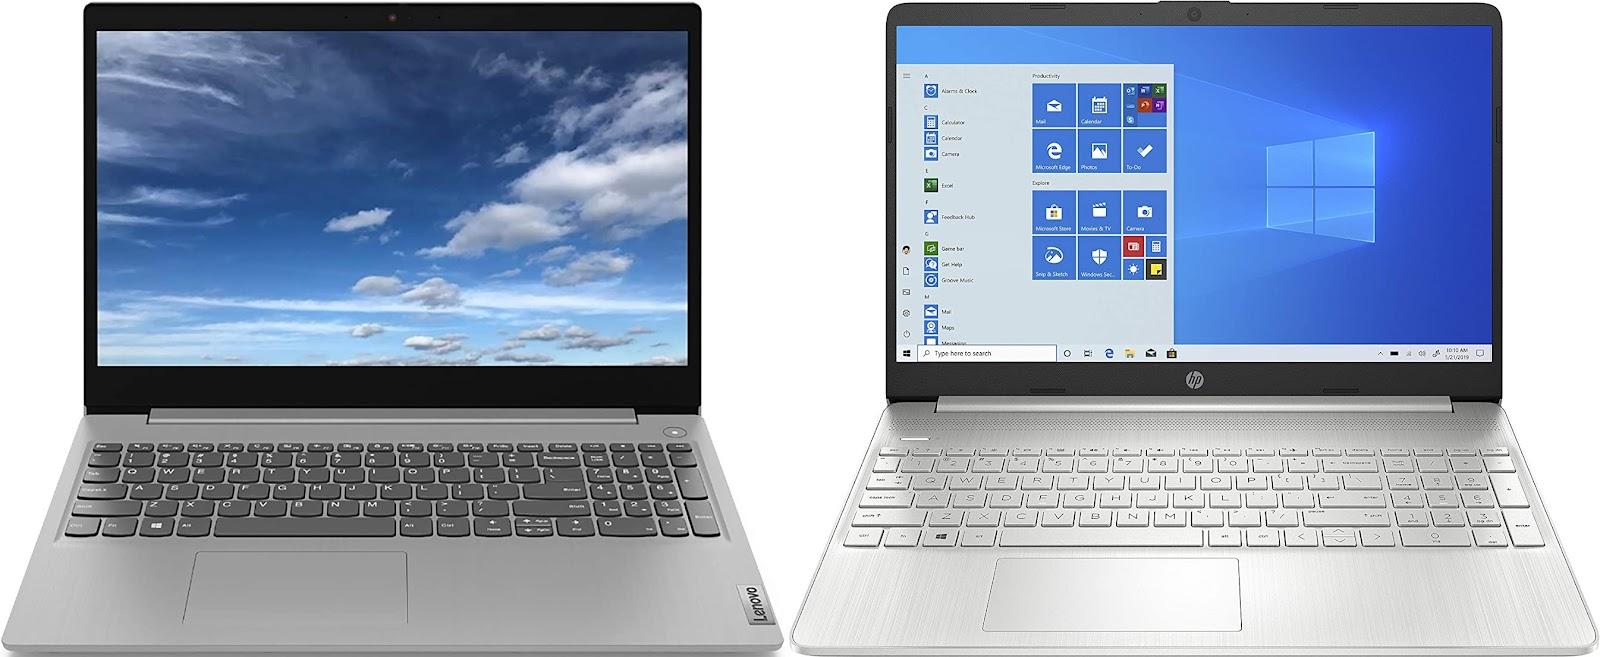 Lenovo IdeaPad 3 15ALC6 vs HP 15s-eq1083ns